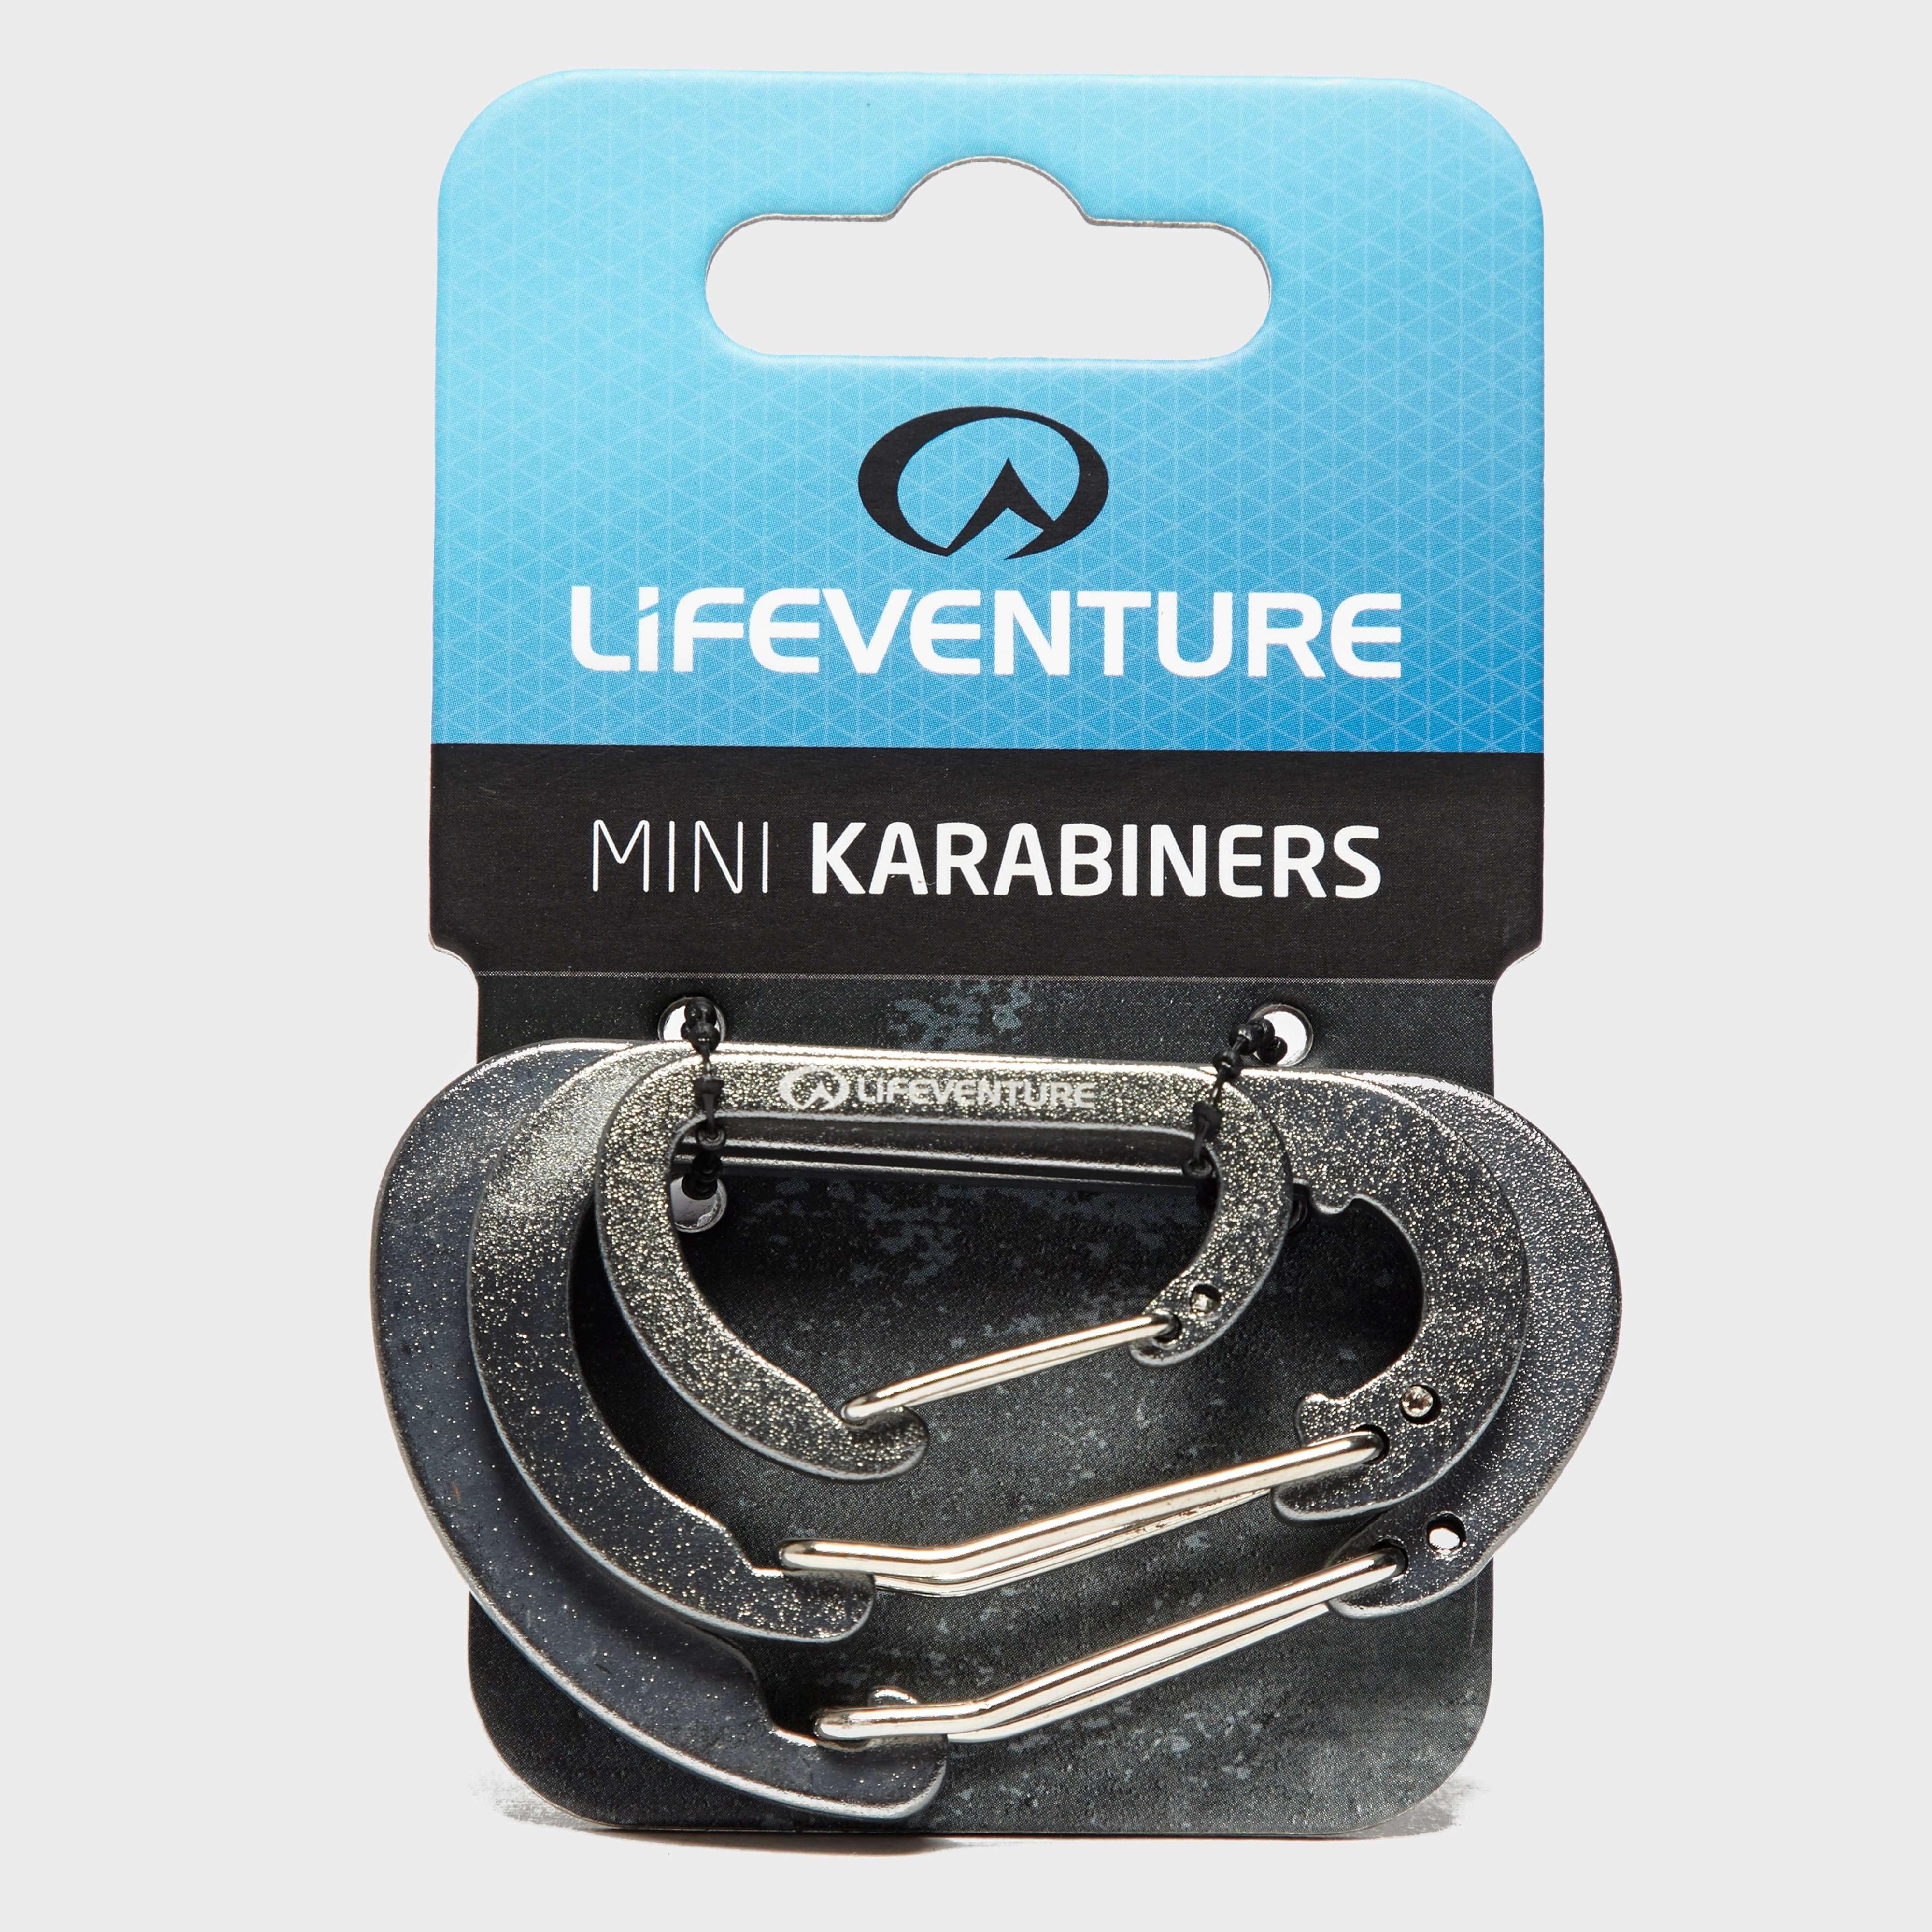 LIFEVENTURE Karabiner (3 Pack)